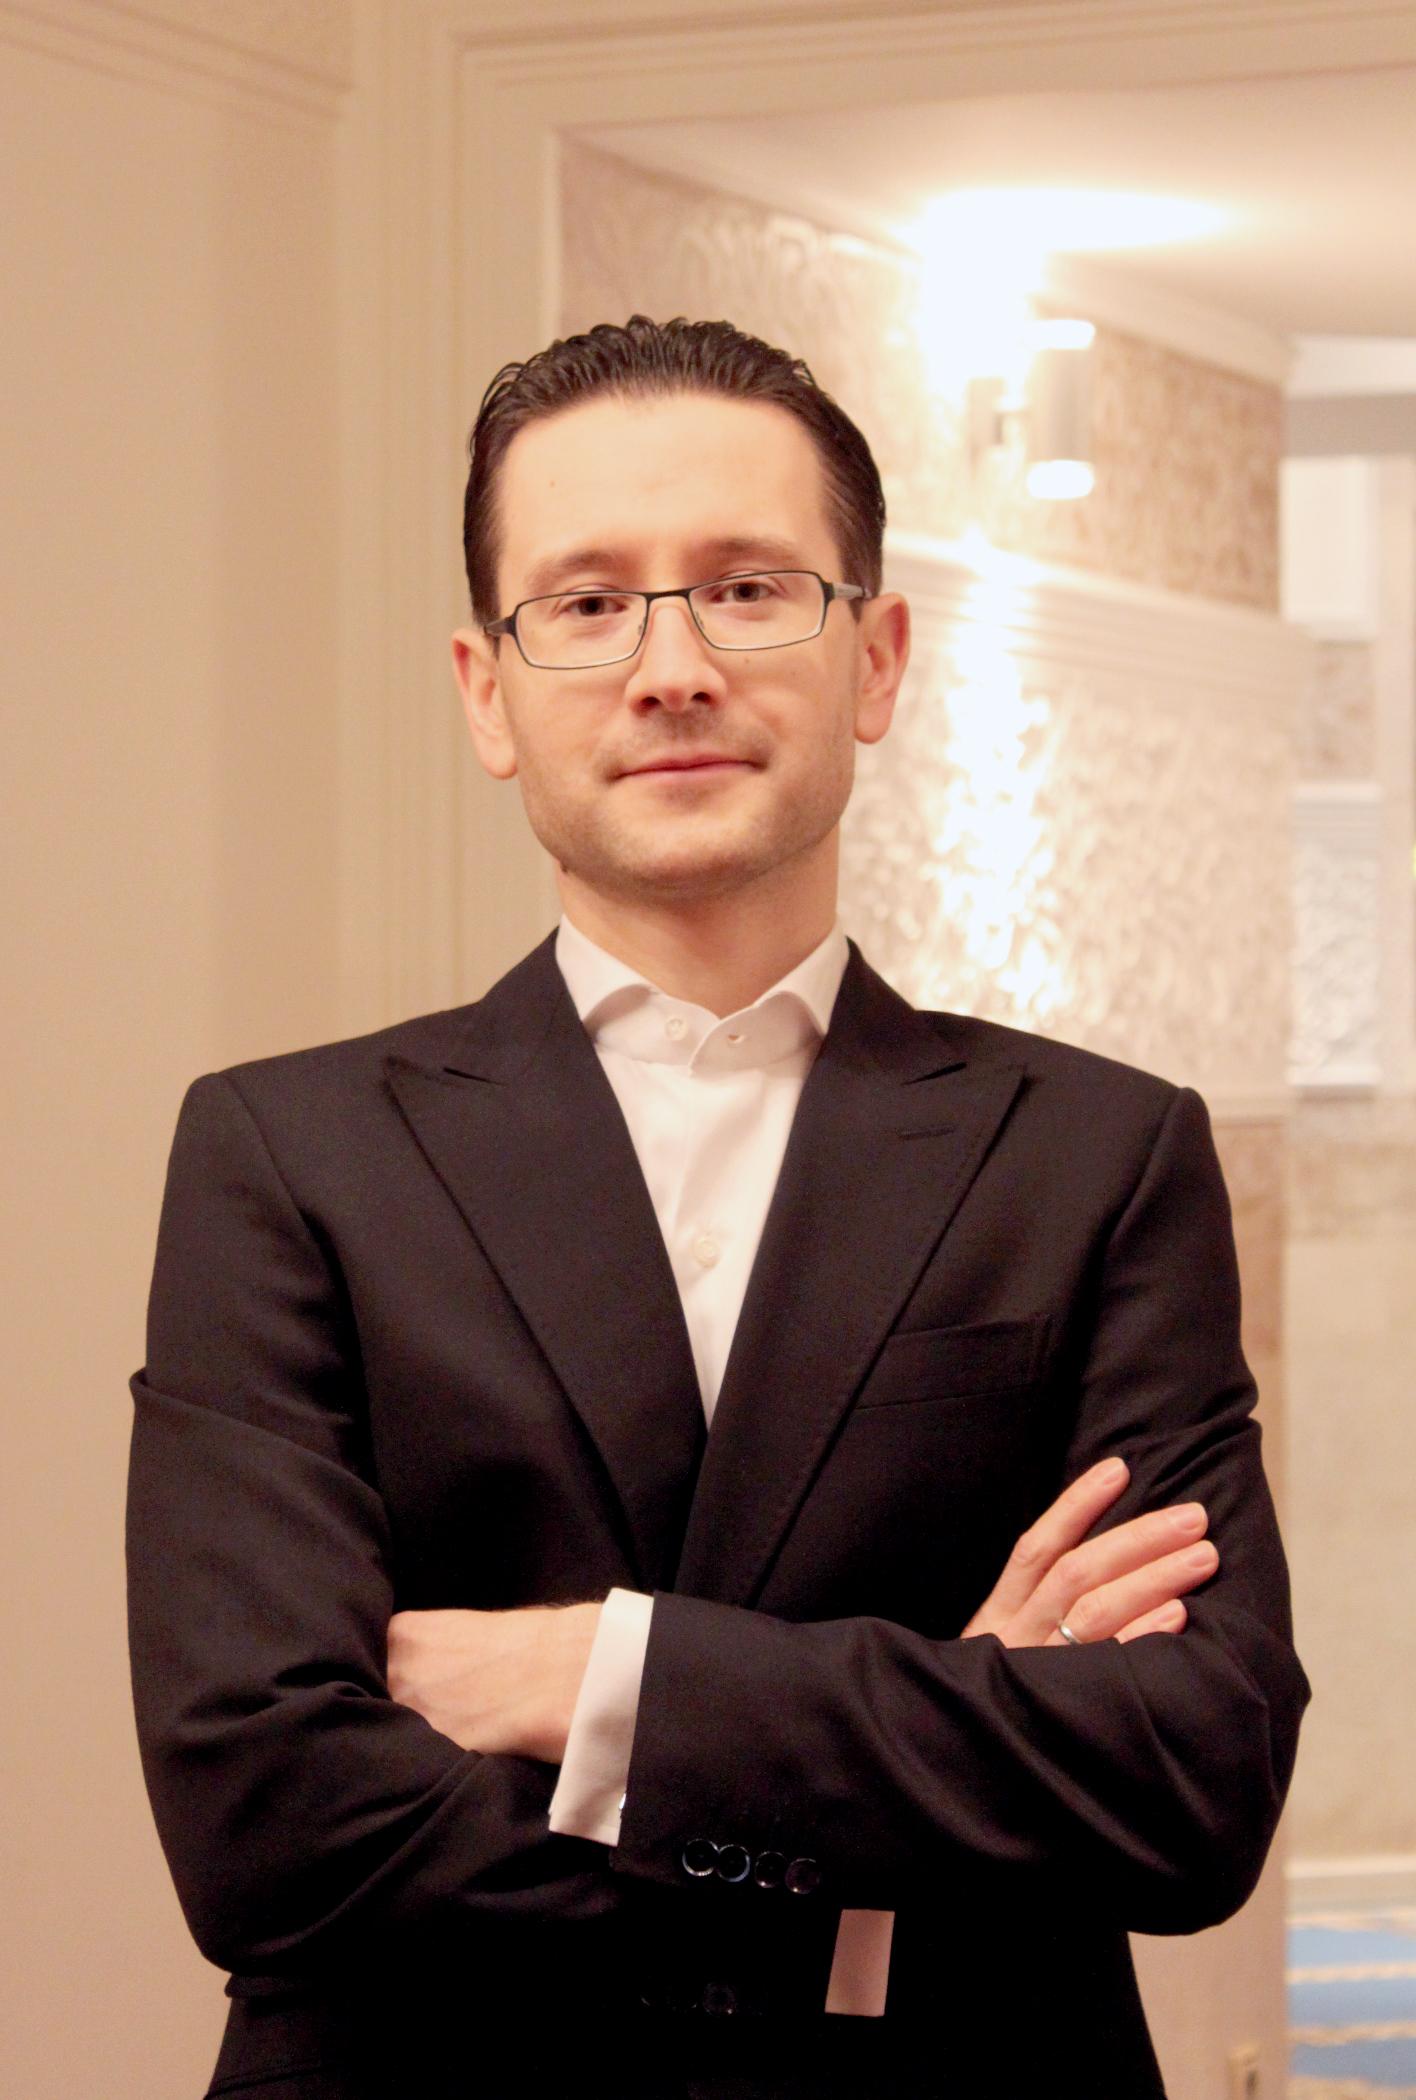 Шамиль Аляутдинов - мусульманский коуч